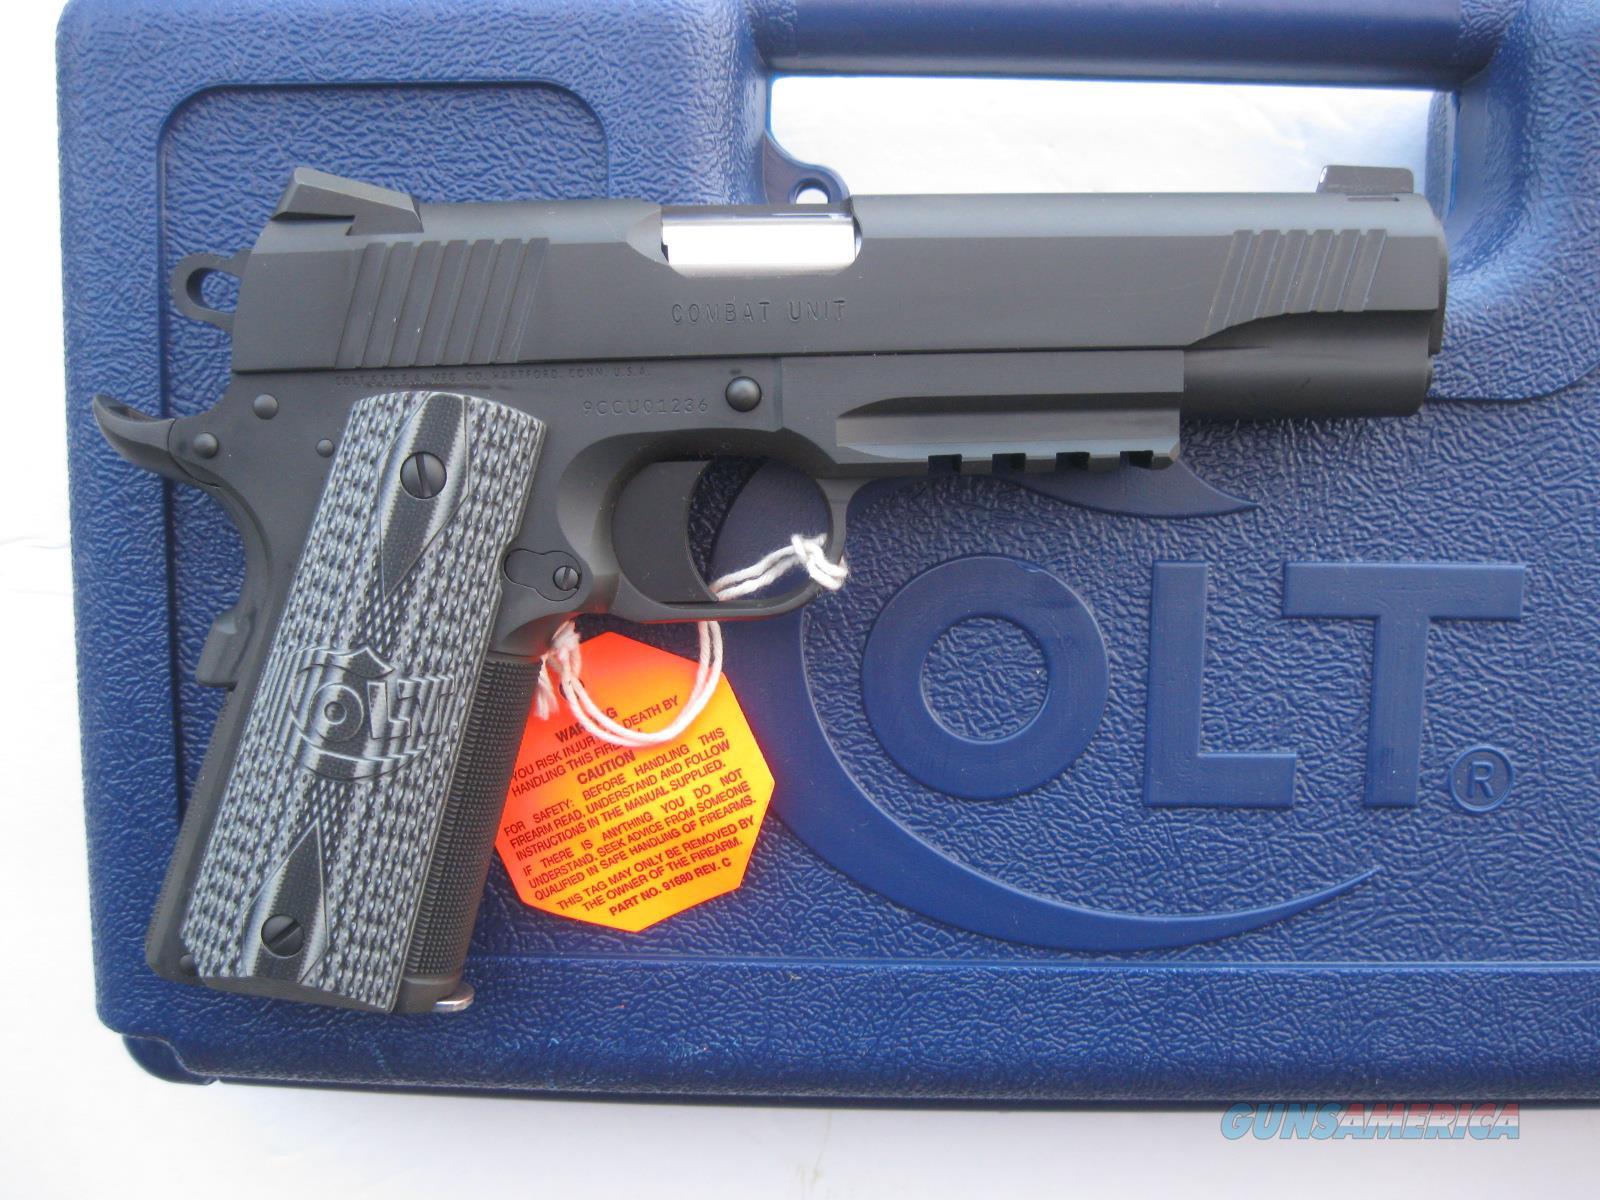 Colt Combat Unit Rail Gun 9mm 1911 Novak NS G10... for sale